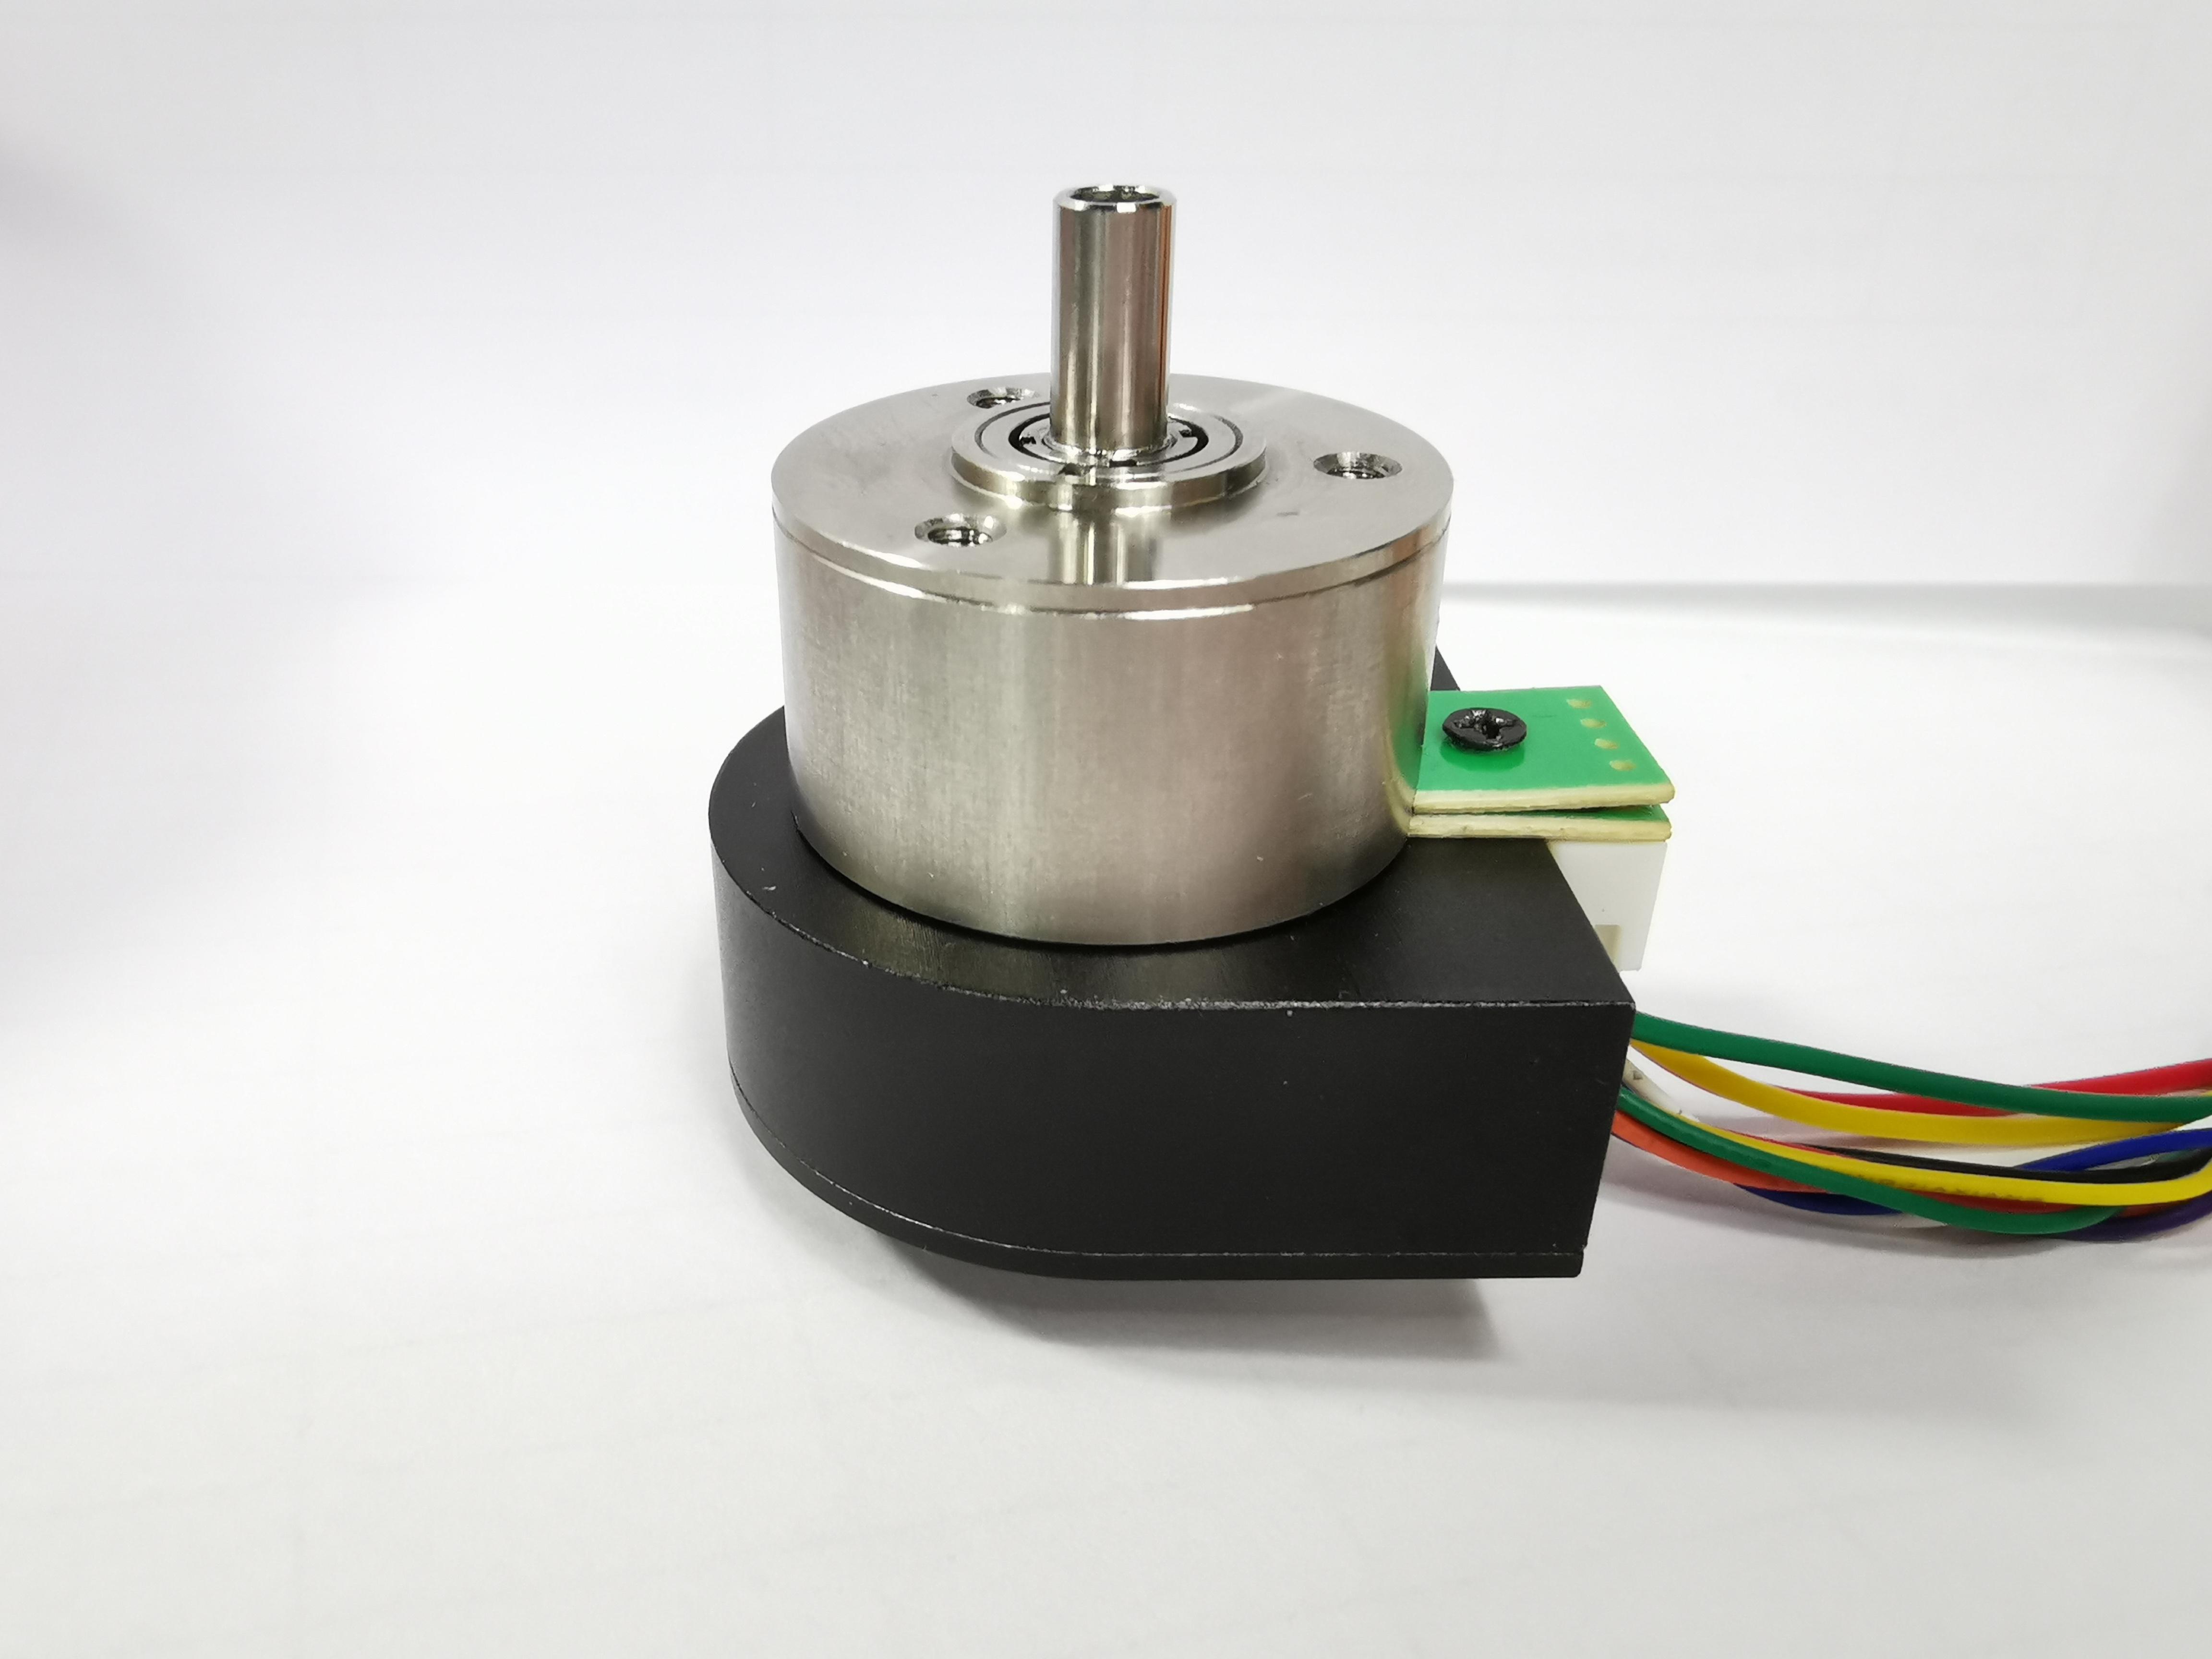 关于小型微电机的应用,它的优点都有哪些